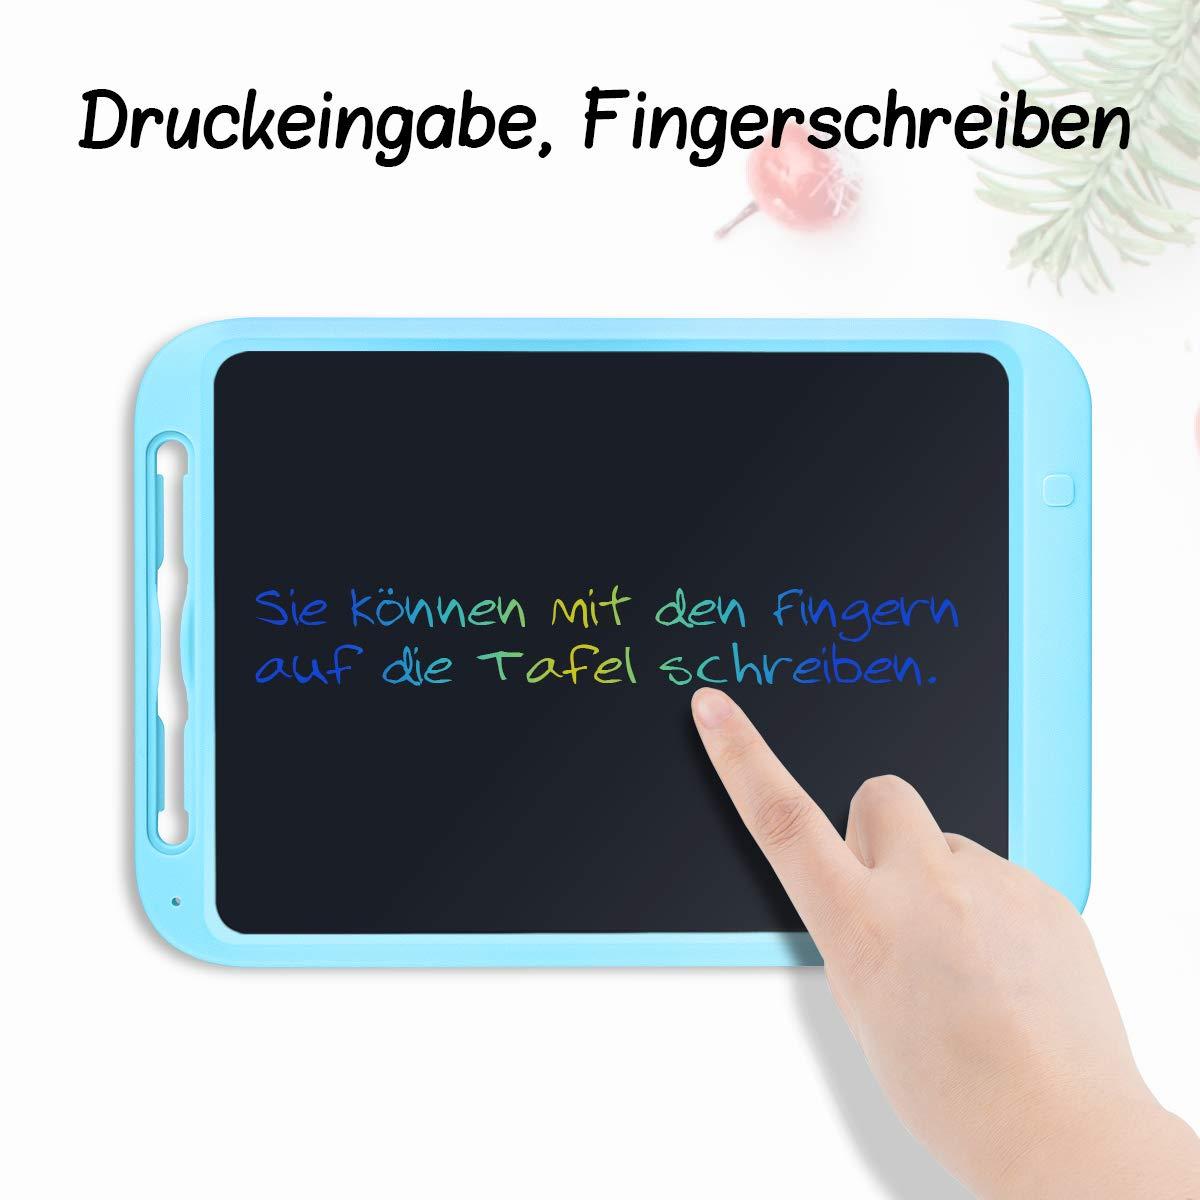 Funkprofi 12 Zoll LCD Schreibtafel Teilweise L/öschbares Writing Tablet mit Anti-Clearance Funktion und Dicke Linien,Grafiktabletts Schreibplatte Papierlos f/ür Schreiben Malen Notizen Schwarz